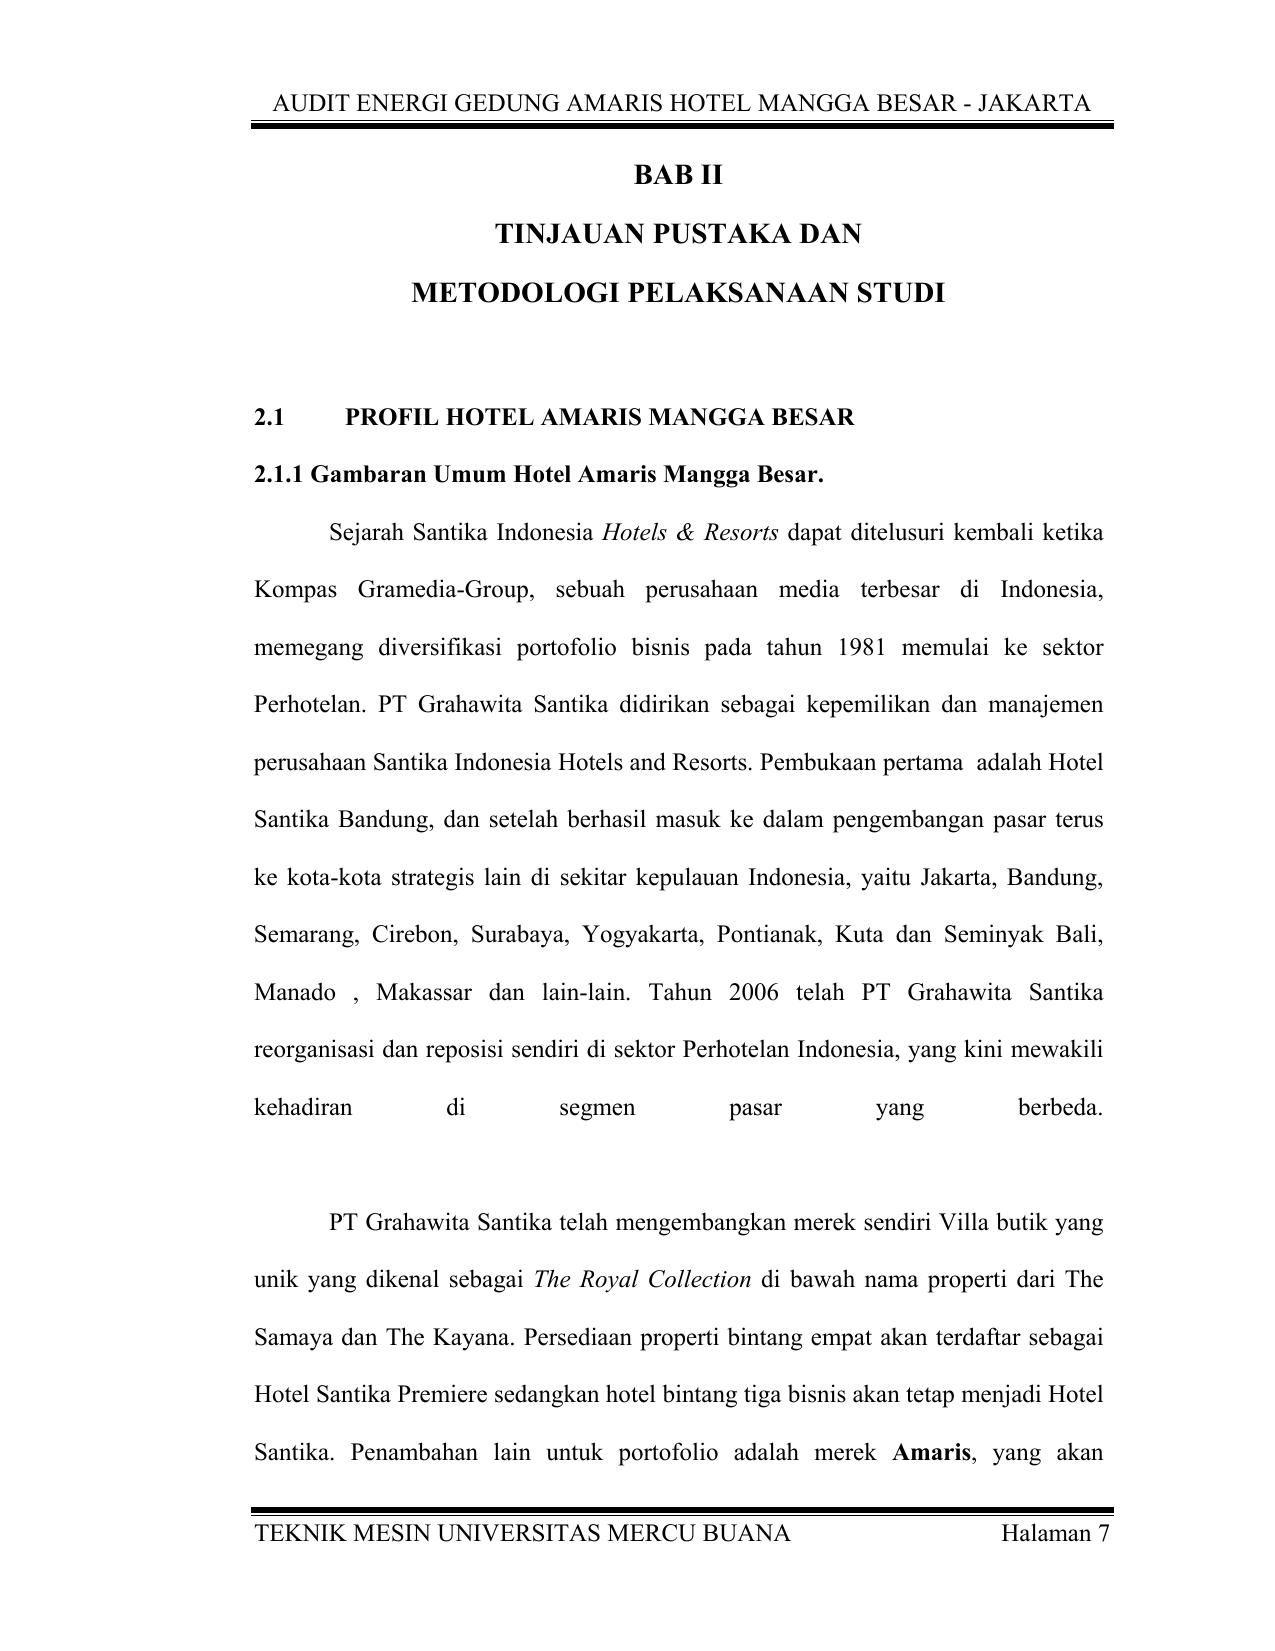 Audit Energi Gedung Amaris Hotel Mangga Besar